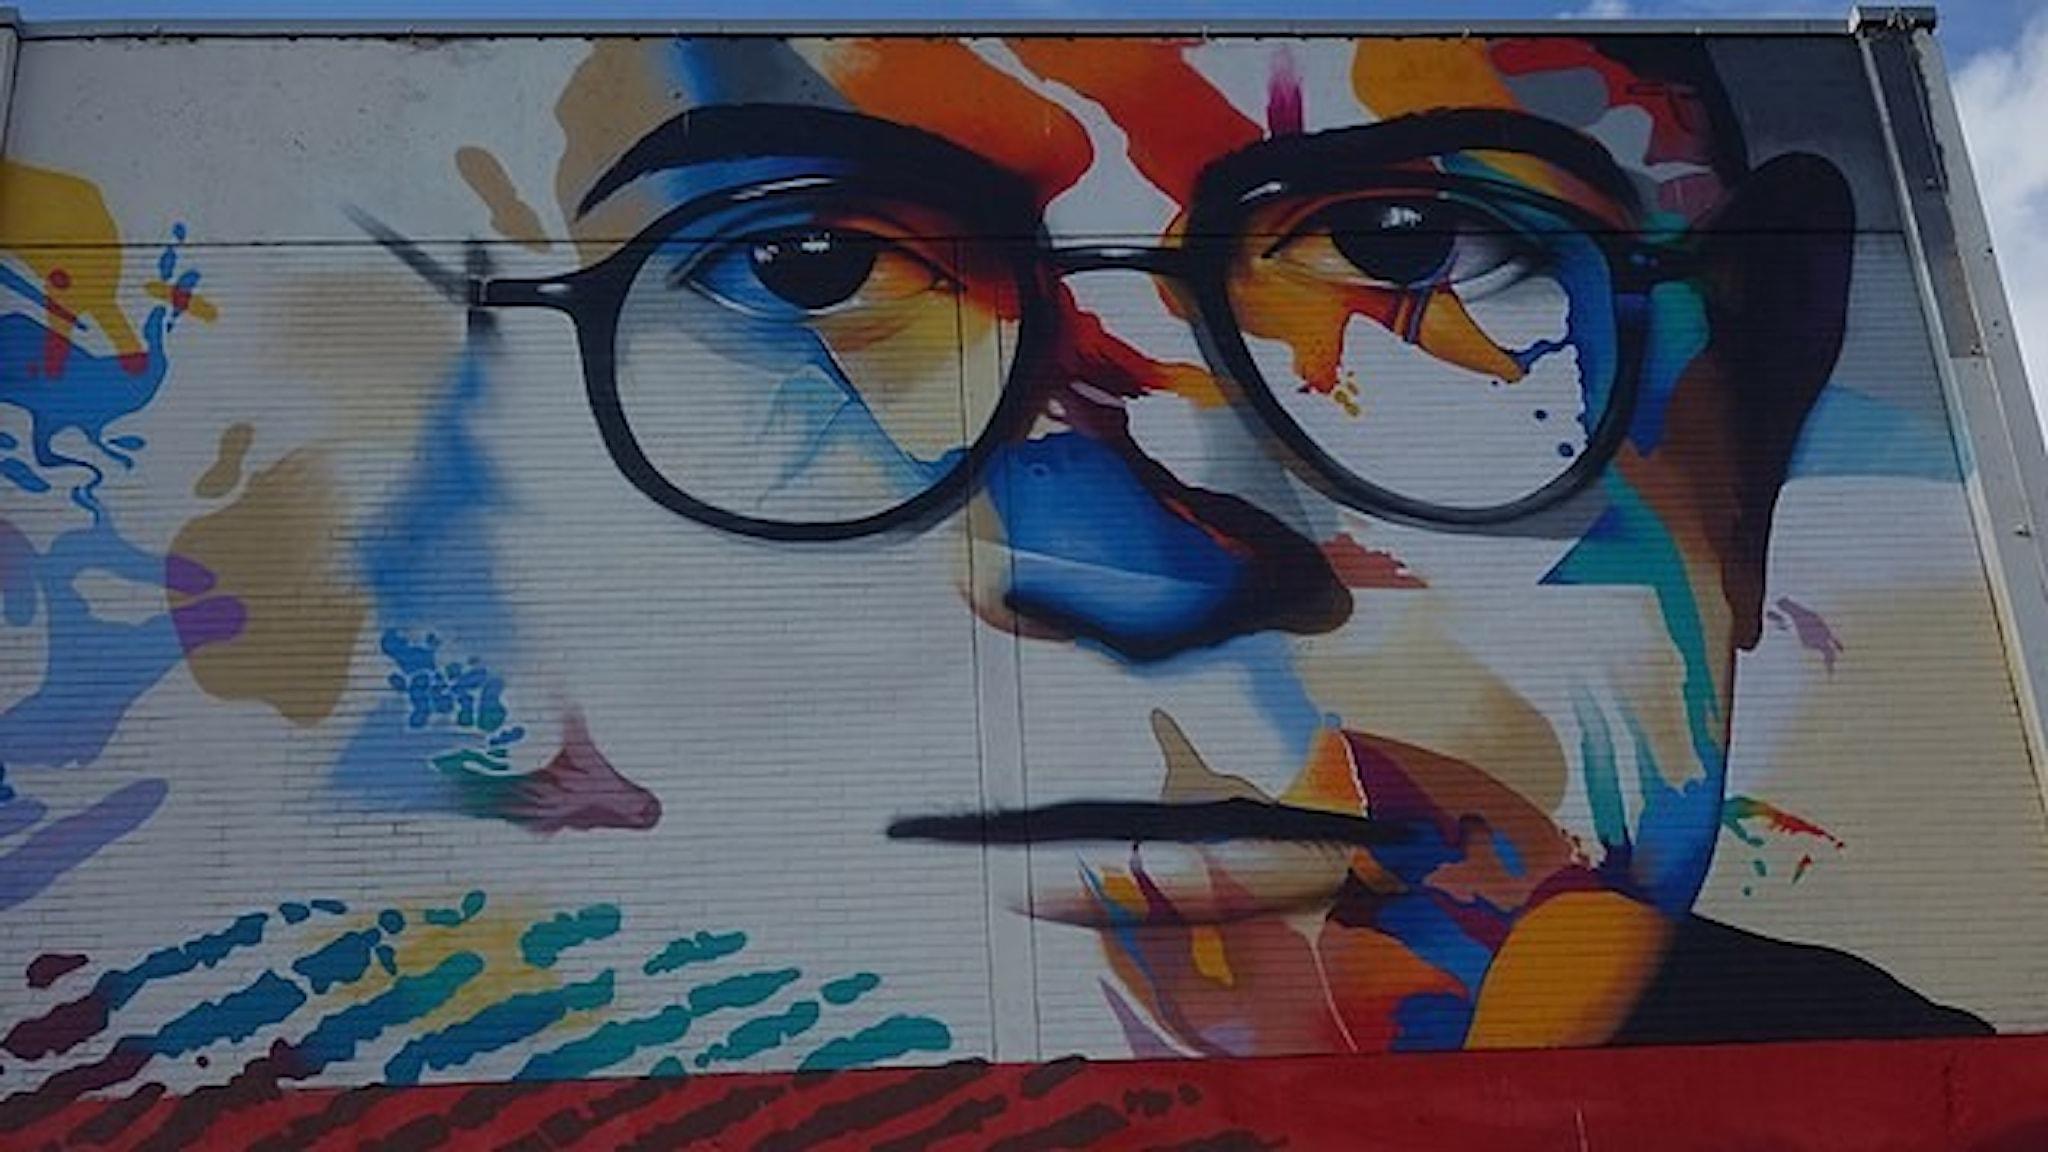 Muralmålning av ett glasögonprytt ansikte med färgglada mönster på en gatuvägg.